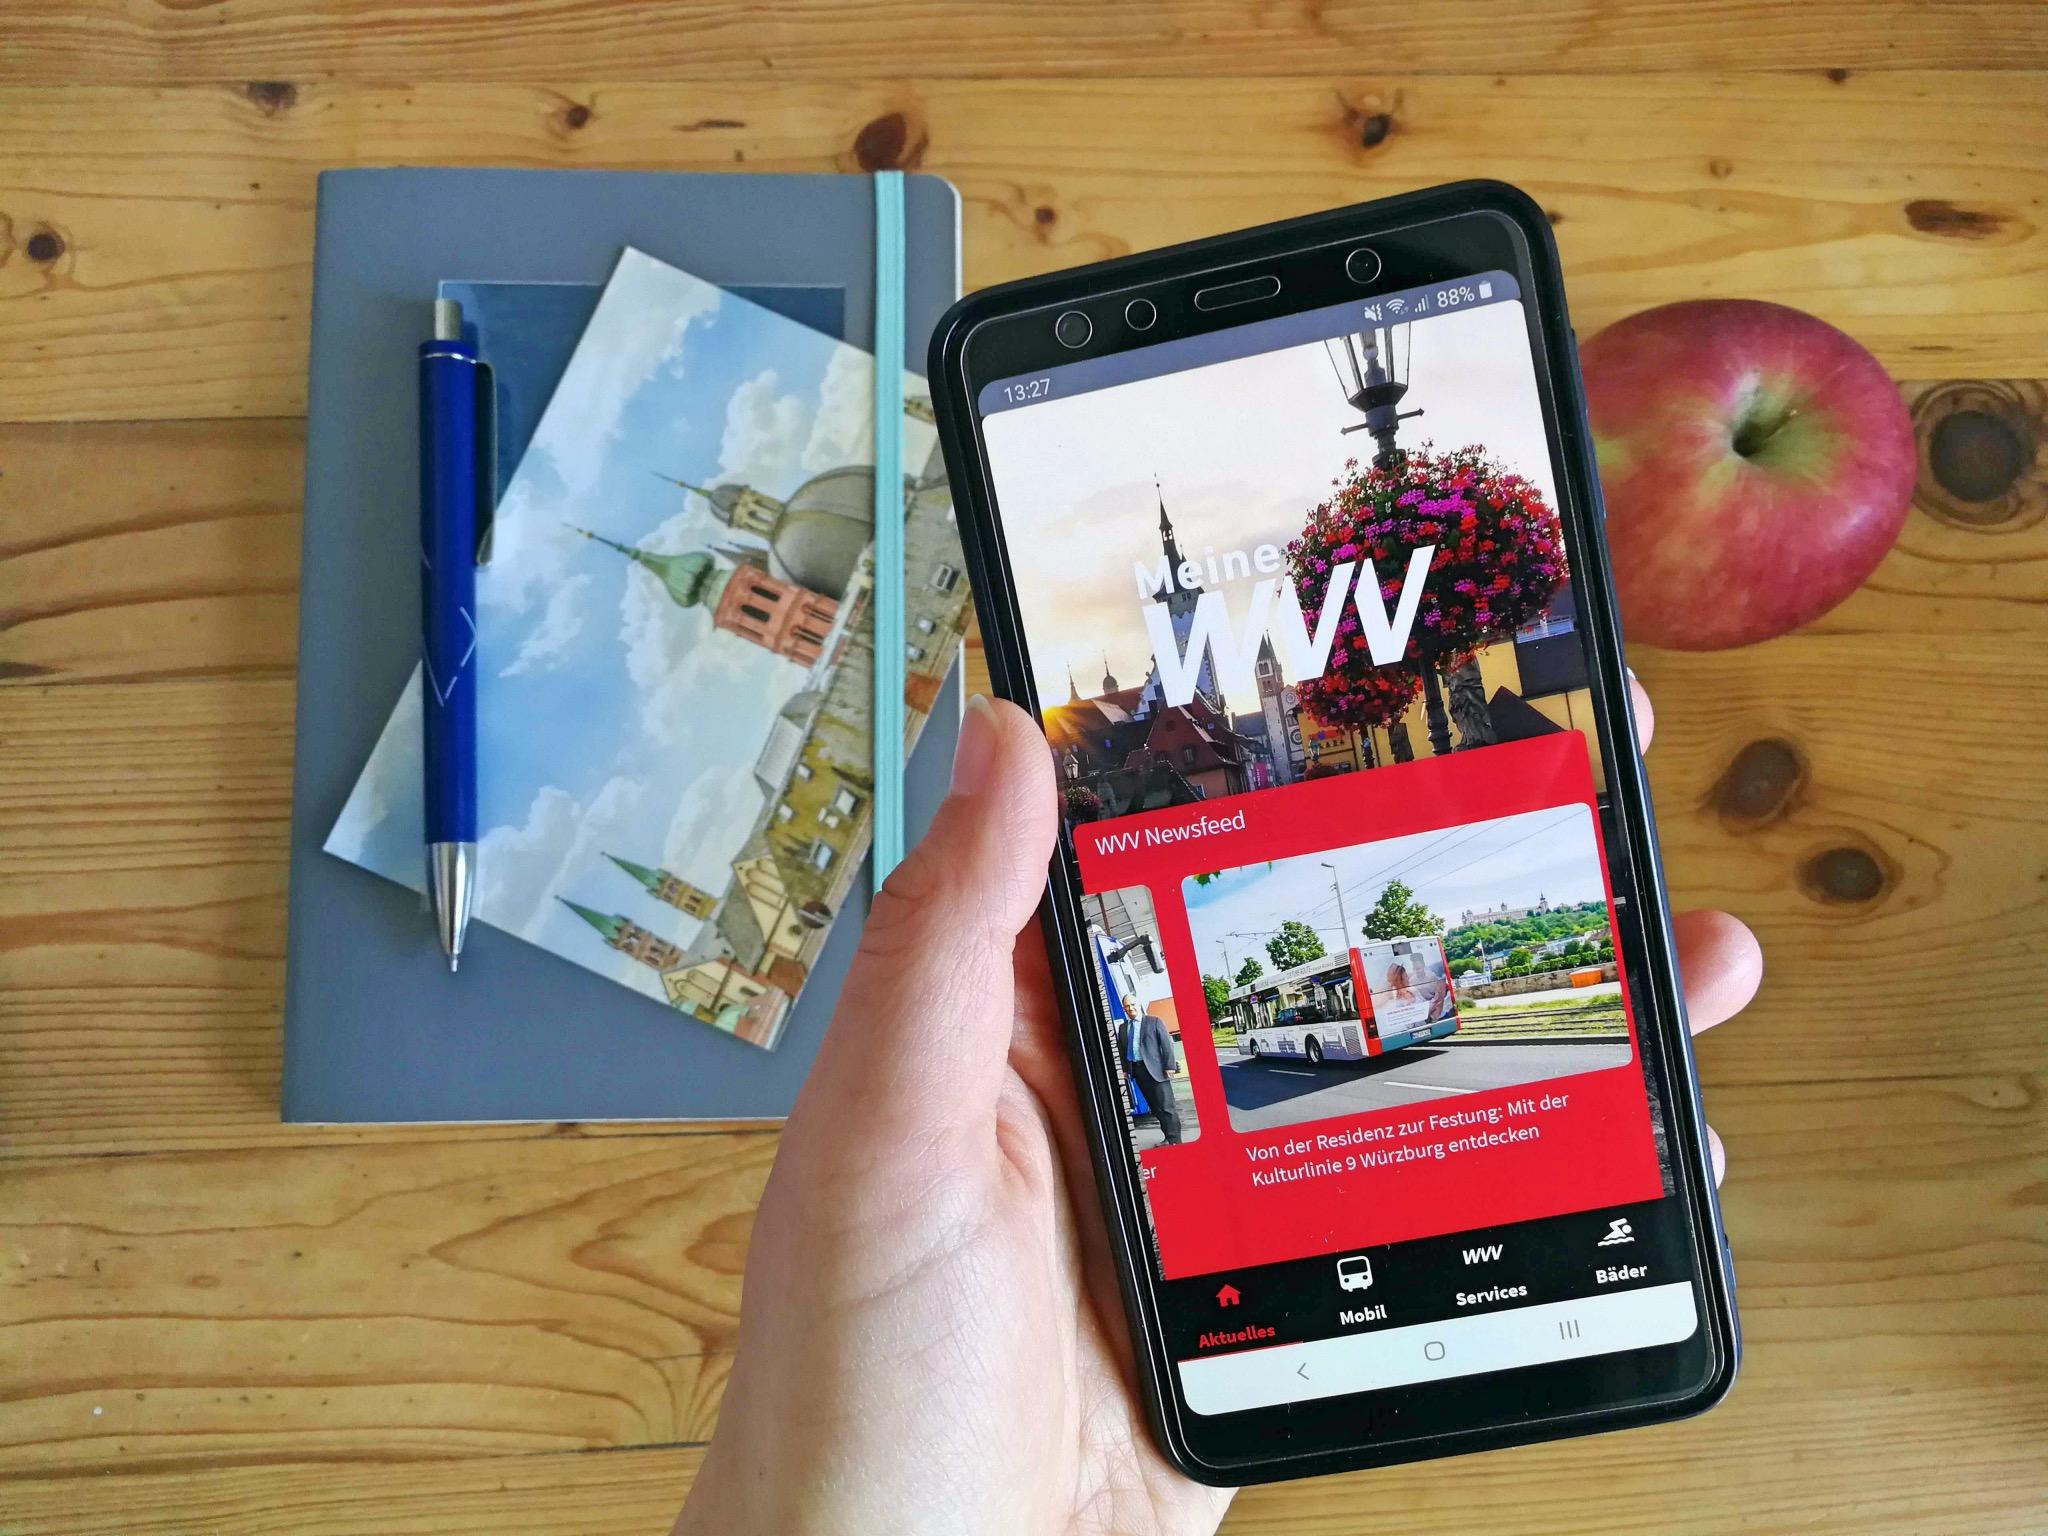 Auch über die App erhält man die News der WVV. Foto: Inka